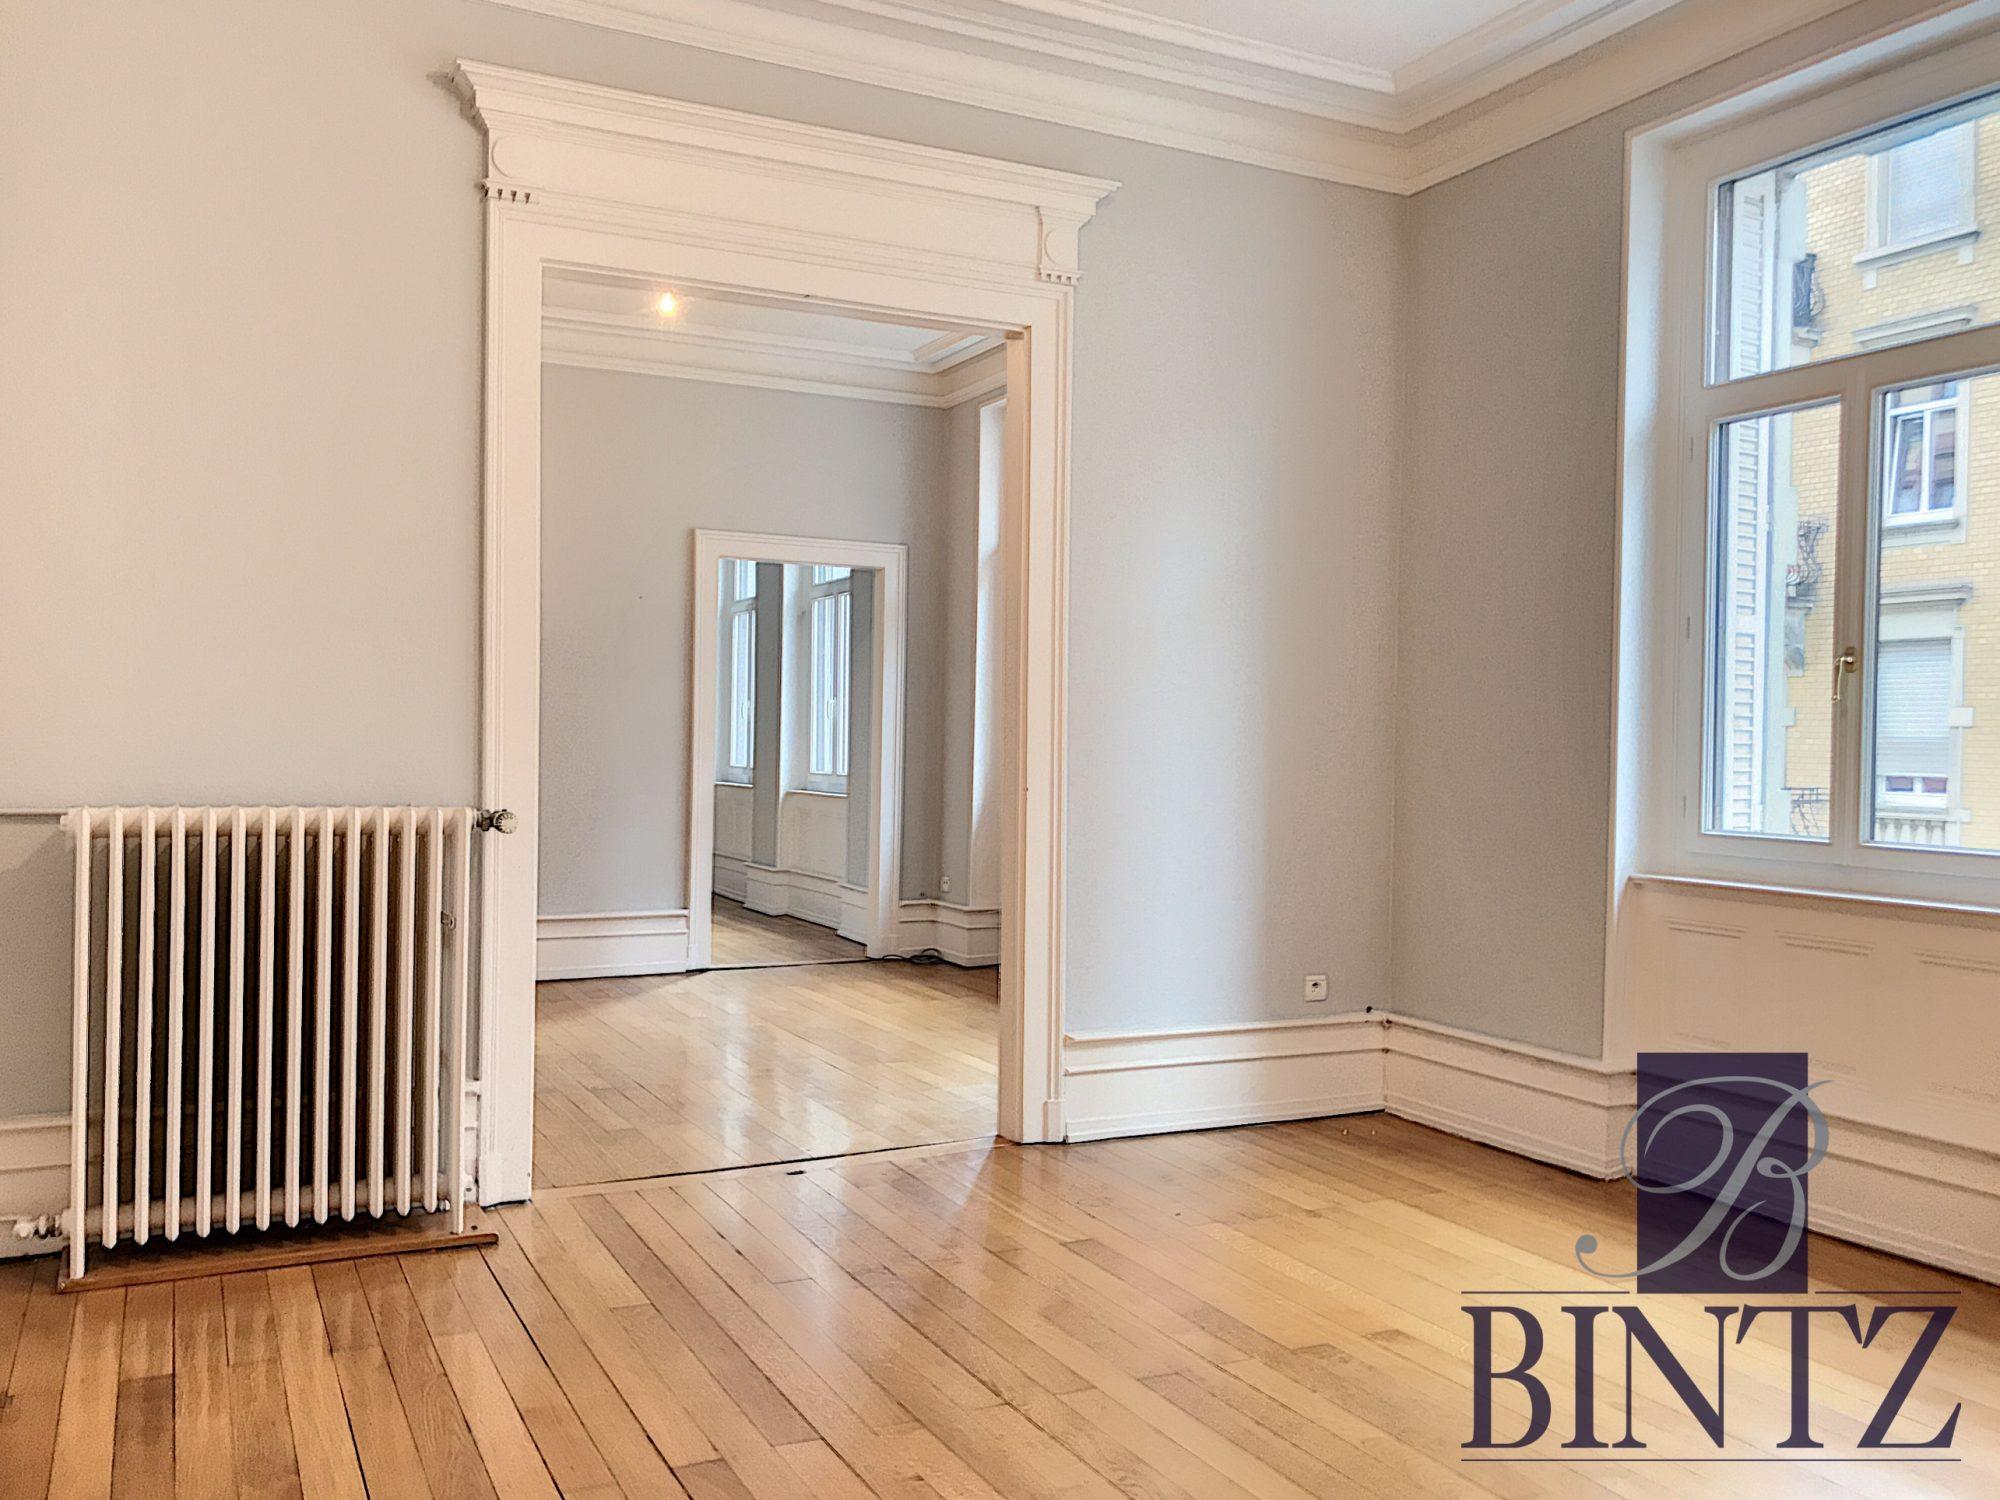 5 PIÈCES QUARTIER CONTADES AVEC 2 BALCONS - Devenez propriétaire en toute confiance - Bintz Immobilier - 1